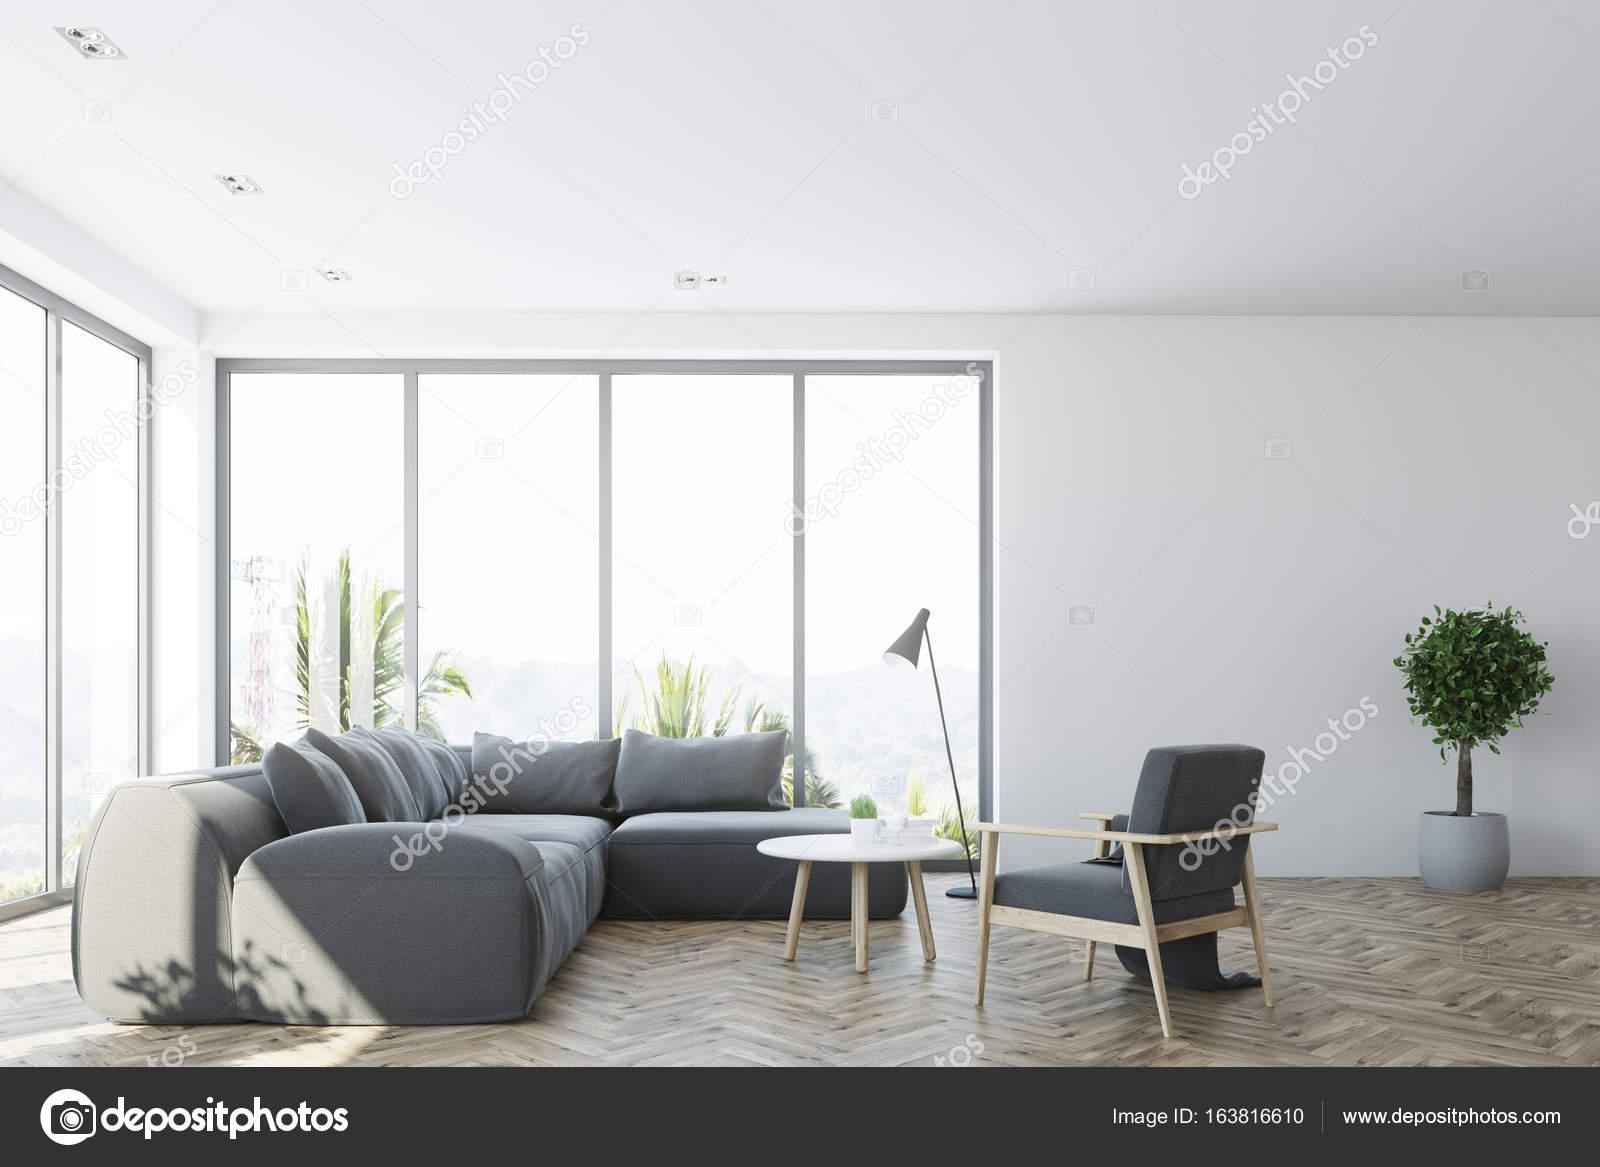 Wit woonkamer interieur met een grijze bank, voorste — Stockfoto ...